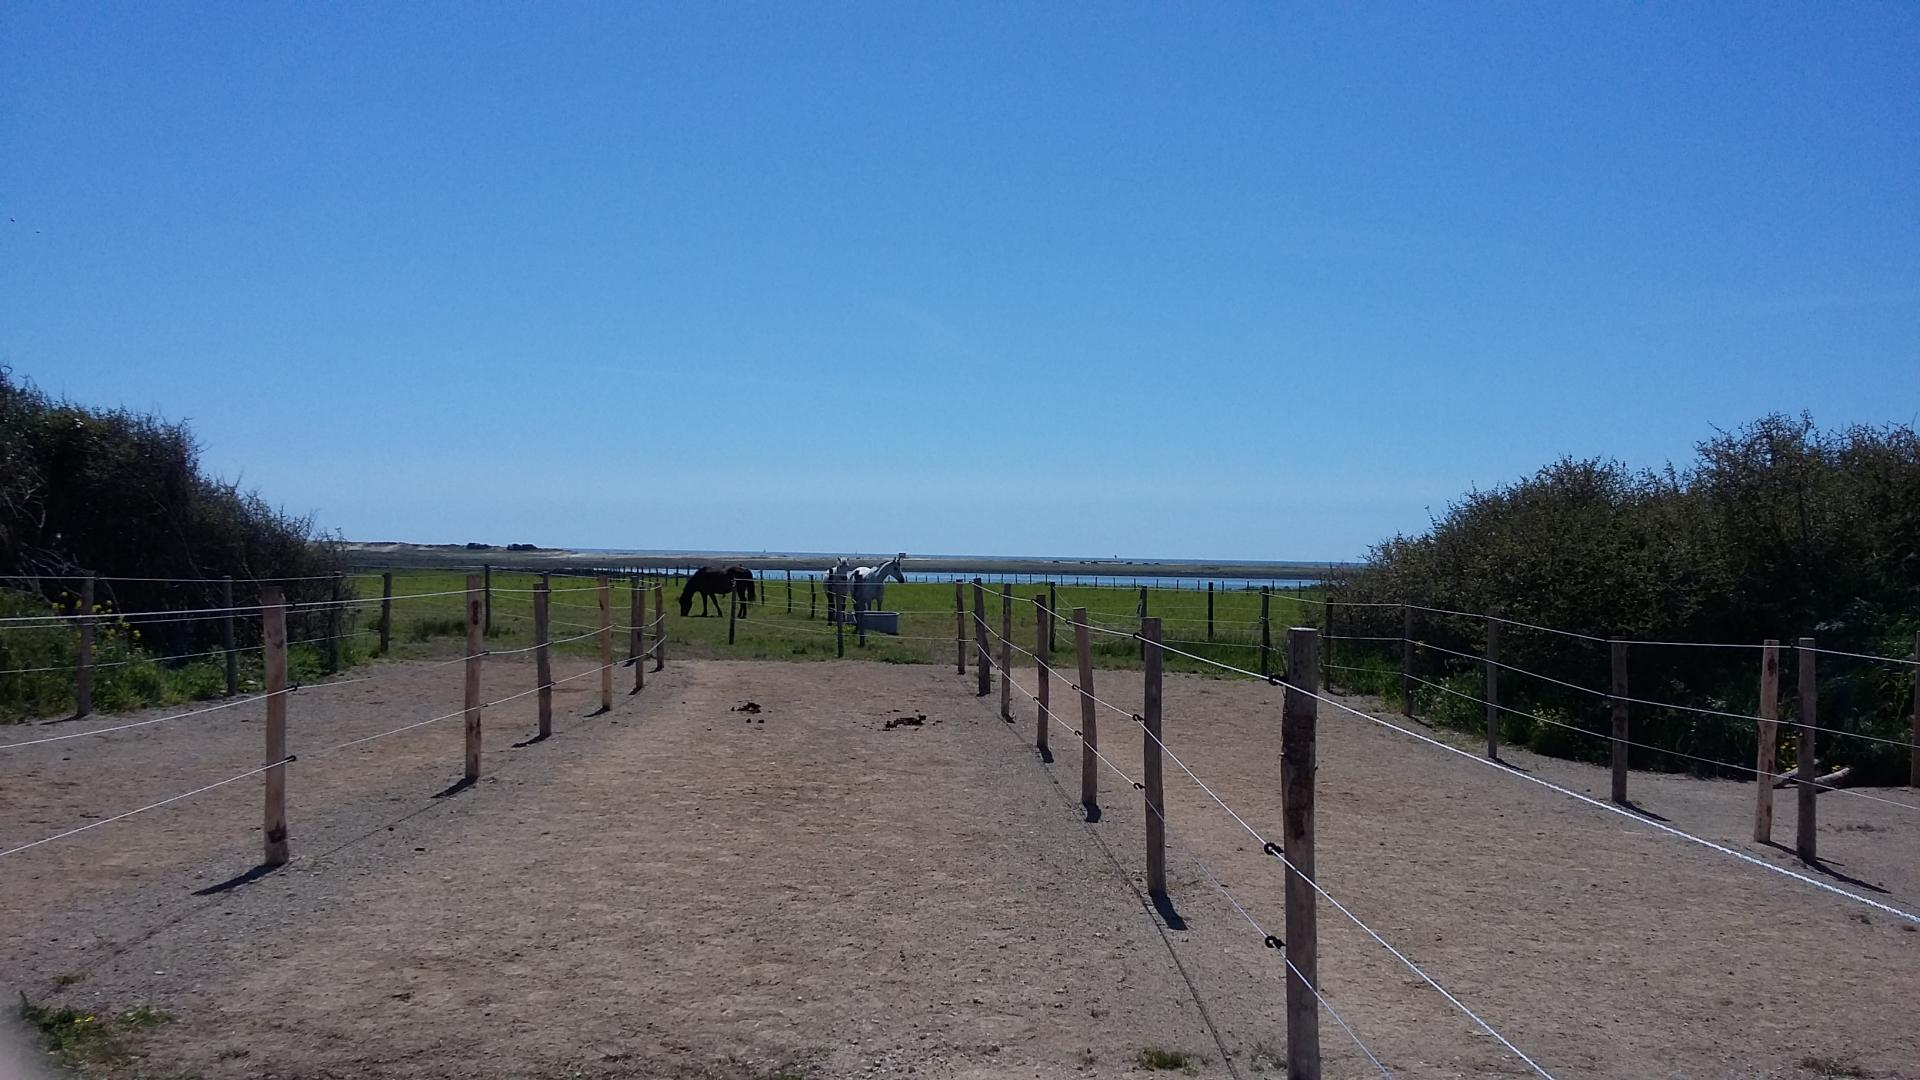 Entete chevaux grands paturages derriere haie plage petite mer photo non reduite 1